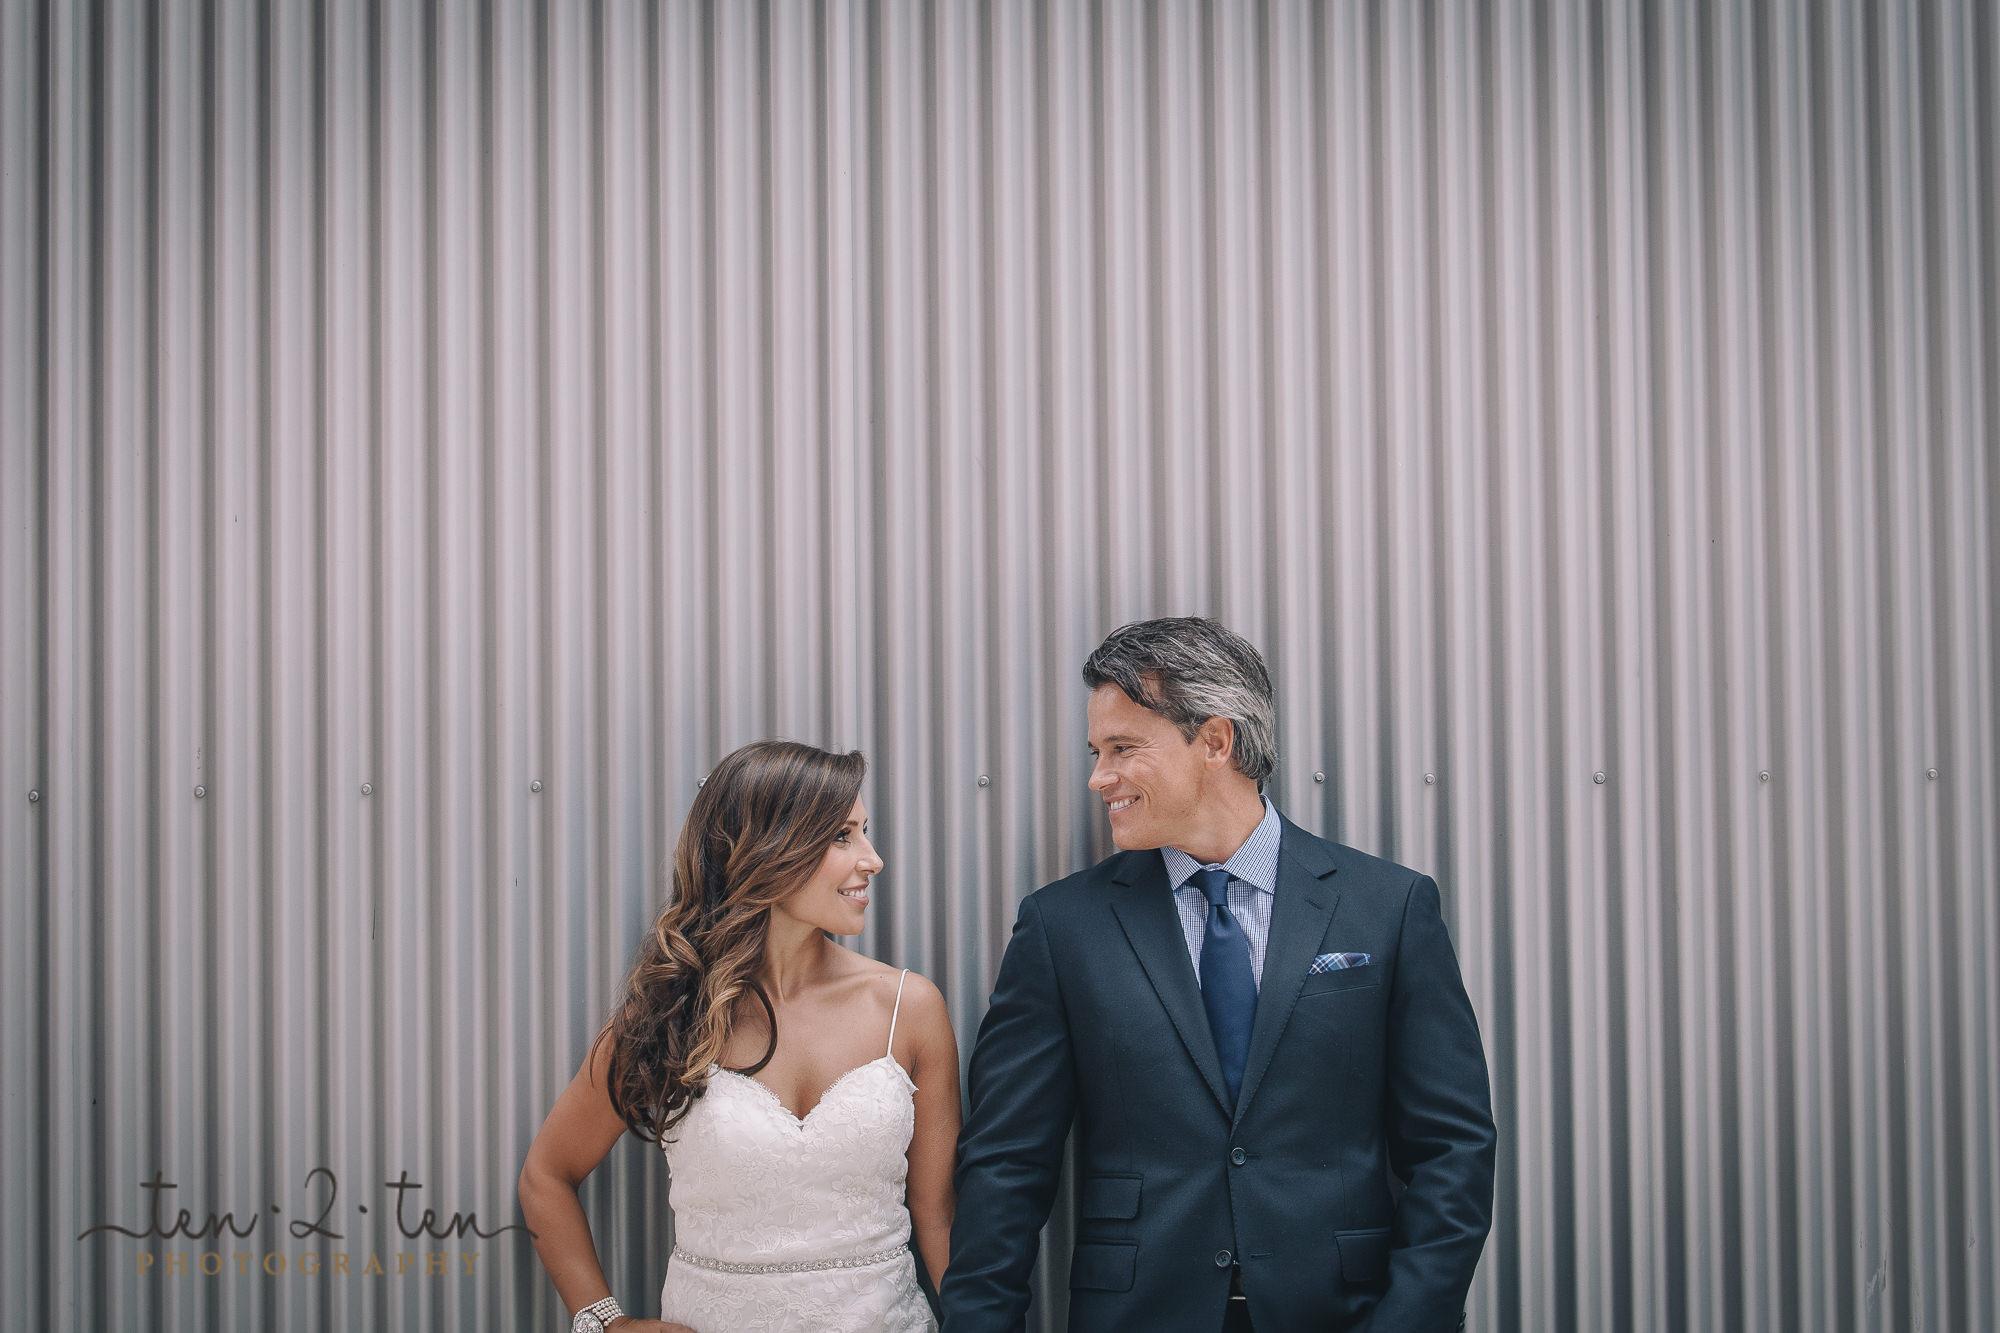 mildreds temple kitchen wedding photos 218 - Mildred's Temple Kitchen Wedding Photos